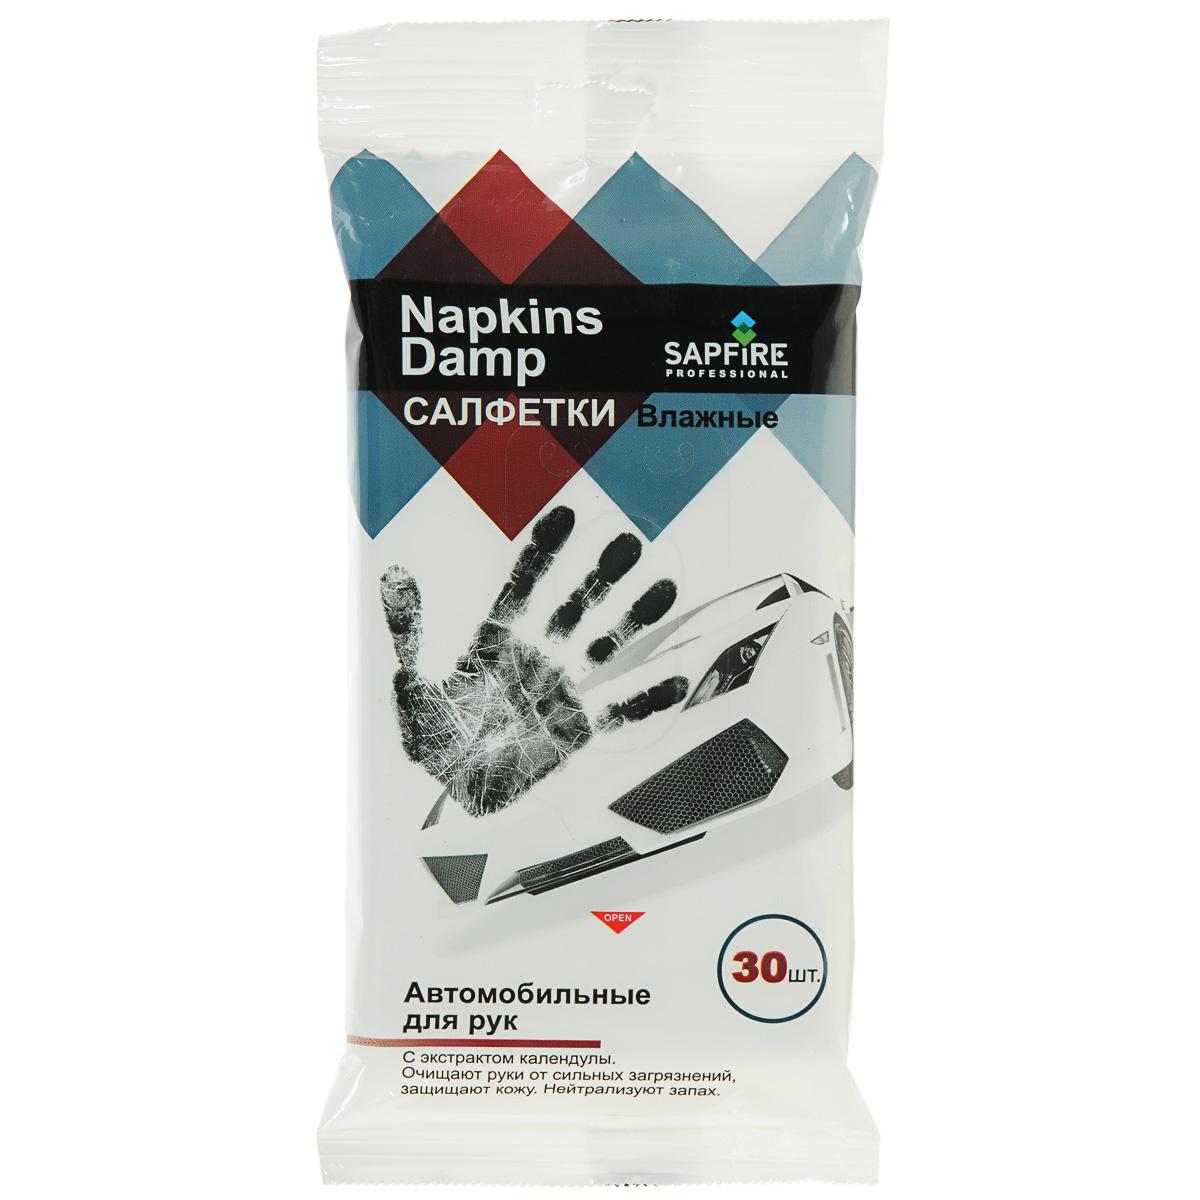 Салфетки влажные Sapfire для рук, 30 шт68/3/7Салфетки влажные Sapfire изготовлены из мягкого нетканого материала с высоким уровнем абсорбции. Пропитаны специальным очищающим лосьоном. Легко удаляют с рук любые, в том числе технические, загрязнения. Незаменимы в автомобиле при повседневном использовании. Нейтрализуют запах.Состав: деминерализованная вода, пропиленгликоль, феноксиэтанол, кокоглюкозит, метилпарабен, этилпарабен, дисодиум, кокоил глютамат, пропилпарабен, йодопропинил бутилкарбамат, парфюмерная композиция, экстракт календулы.